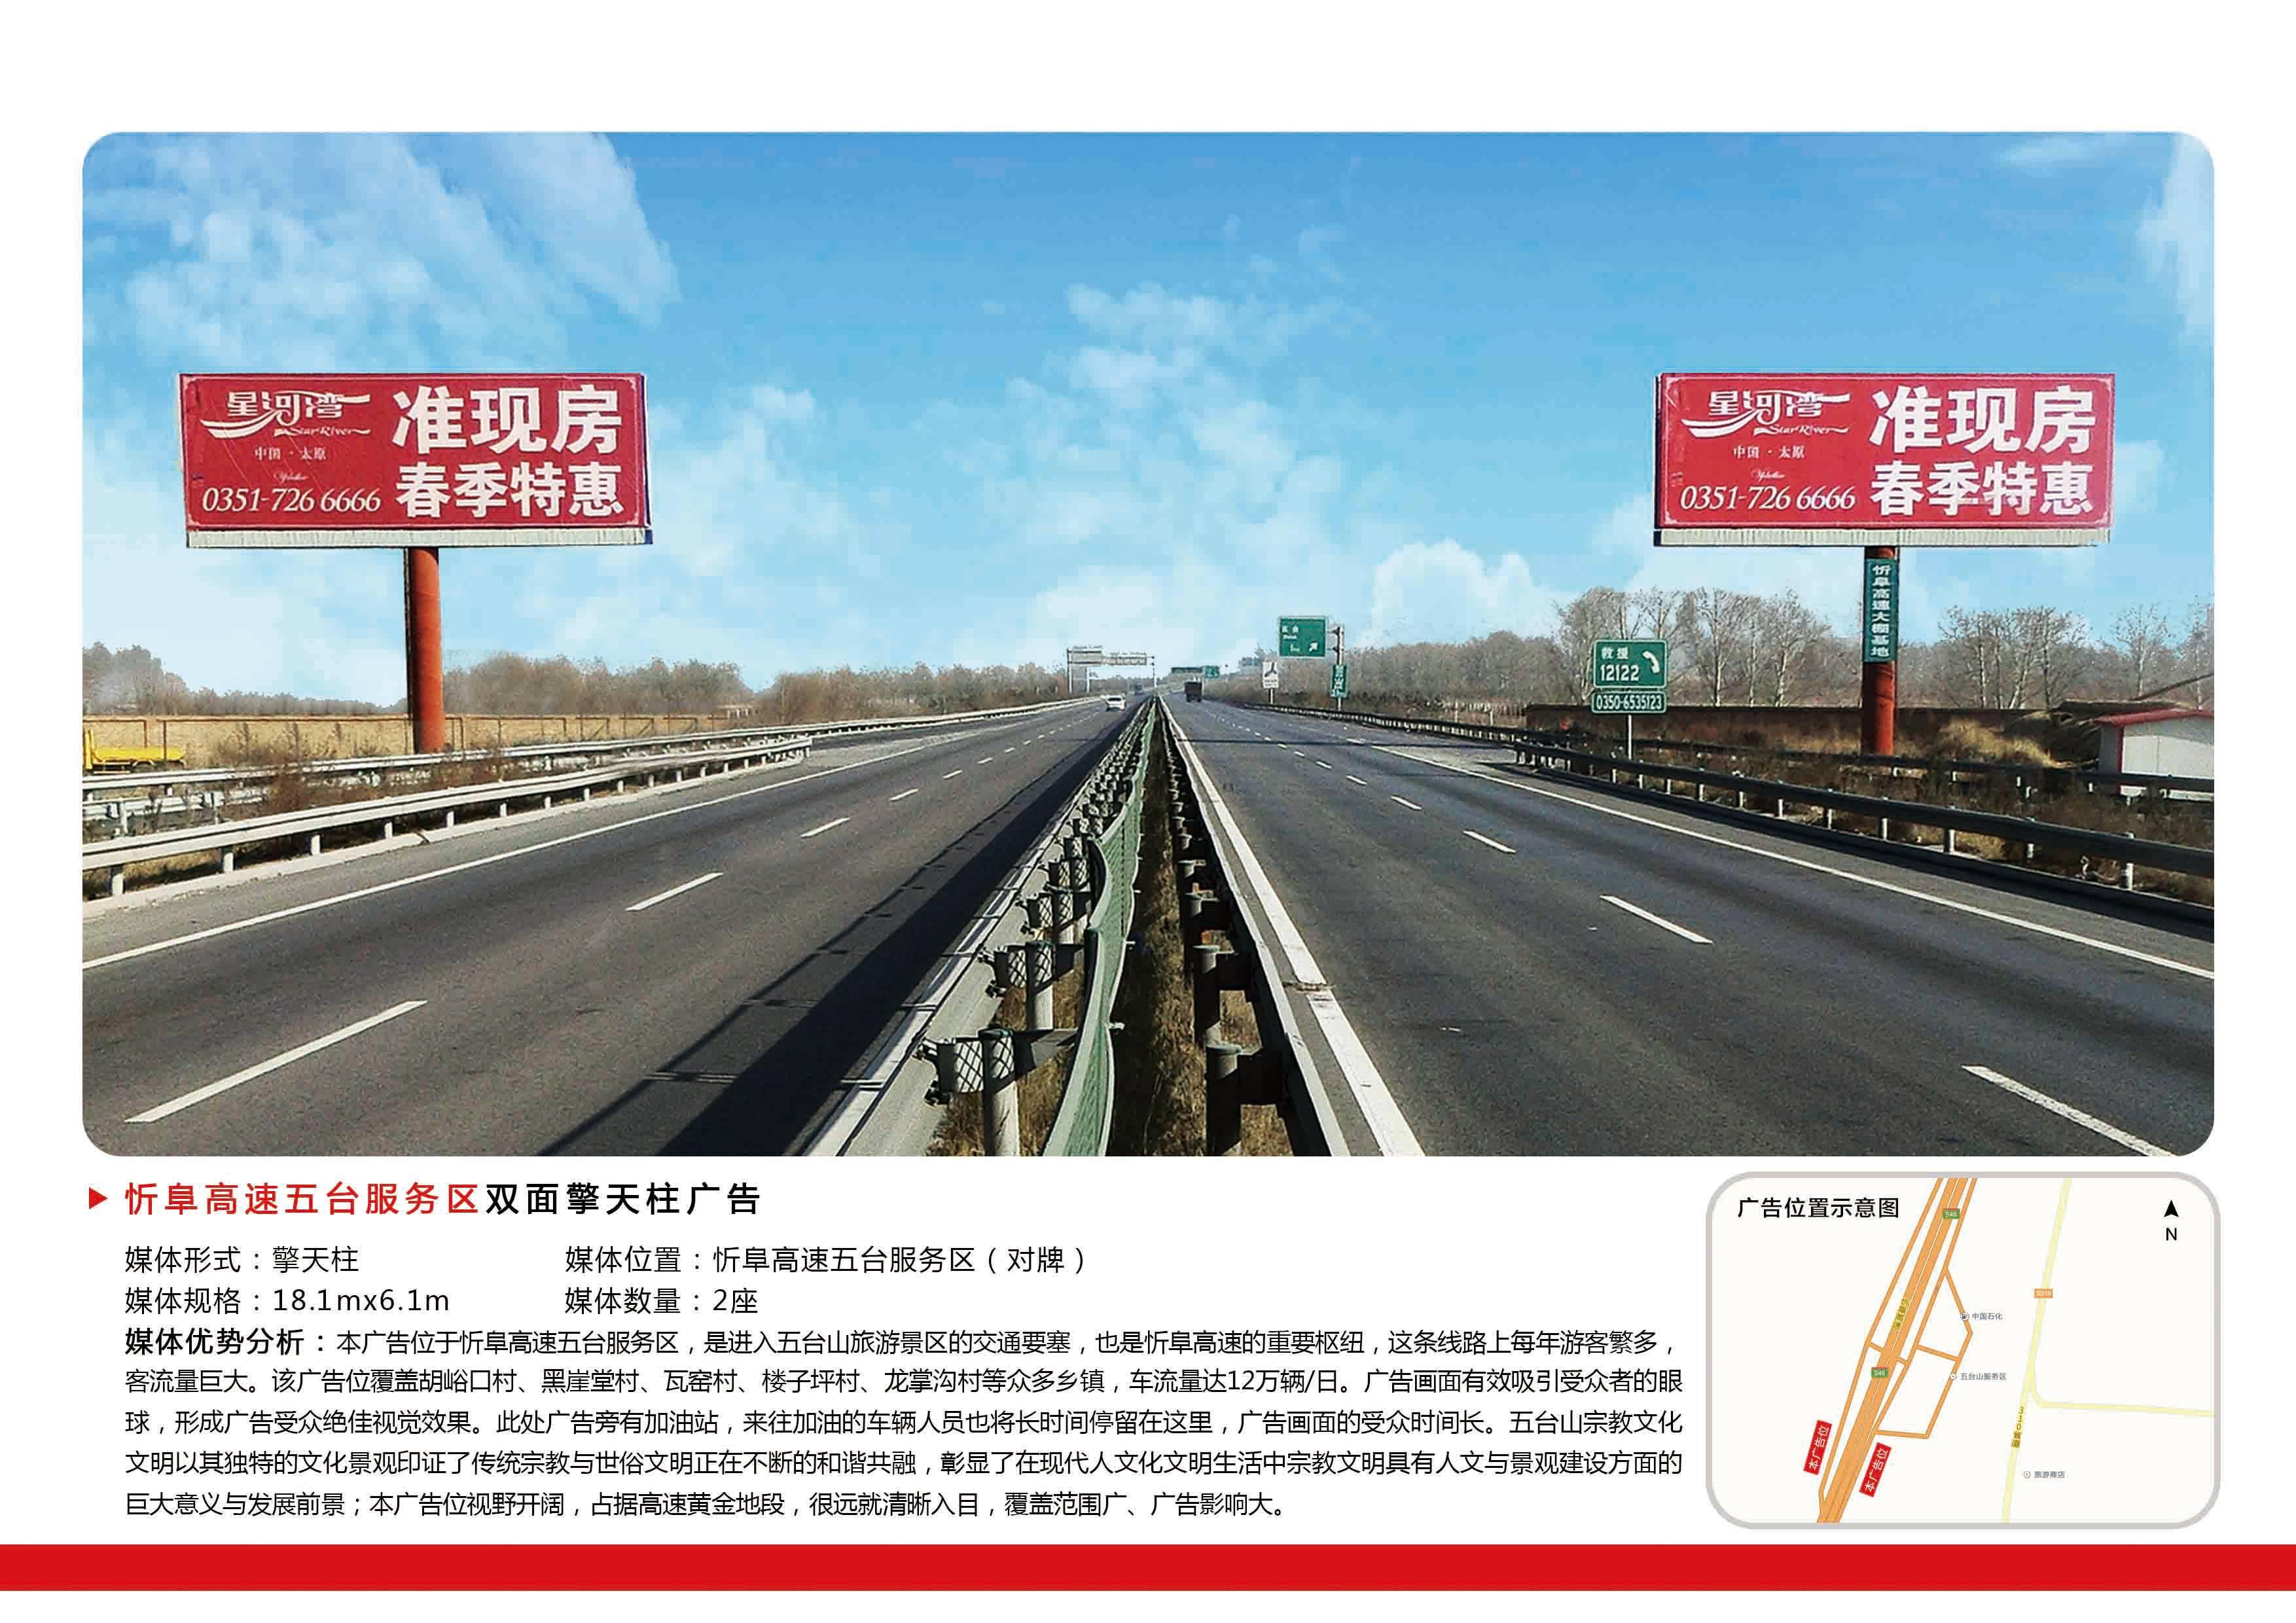 山西二广高速G55忻州段公路牌广告位